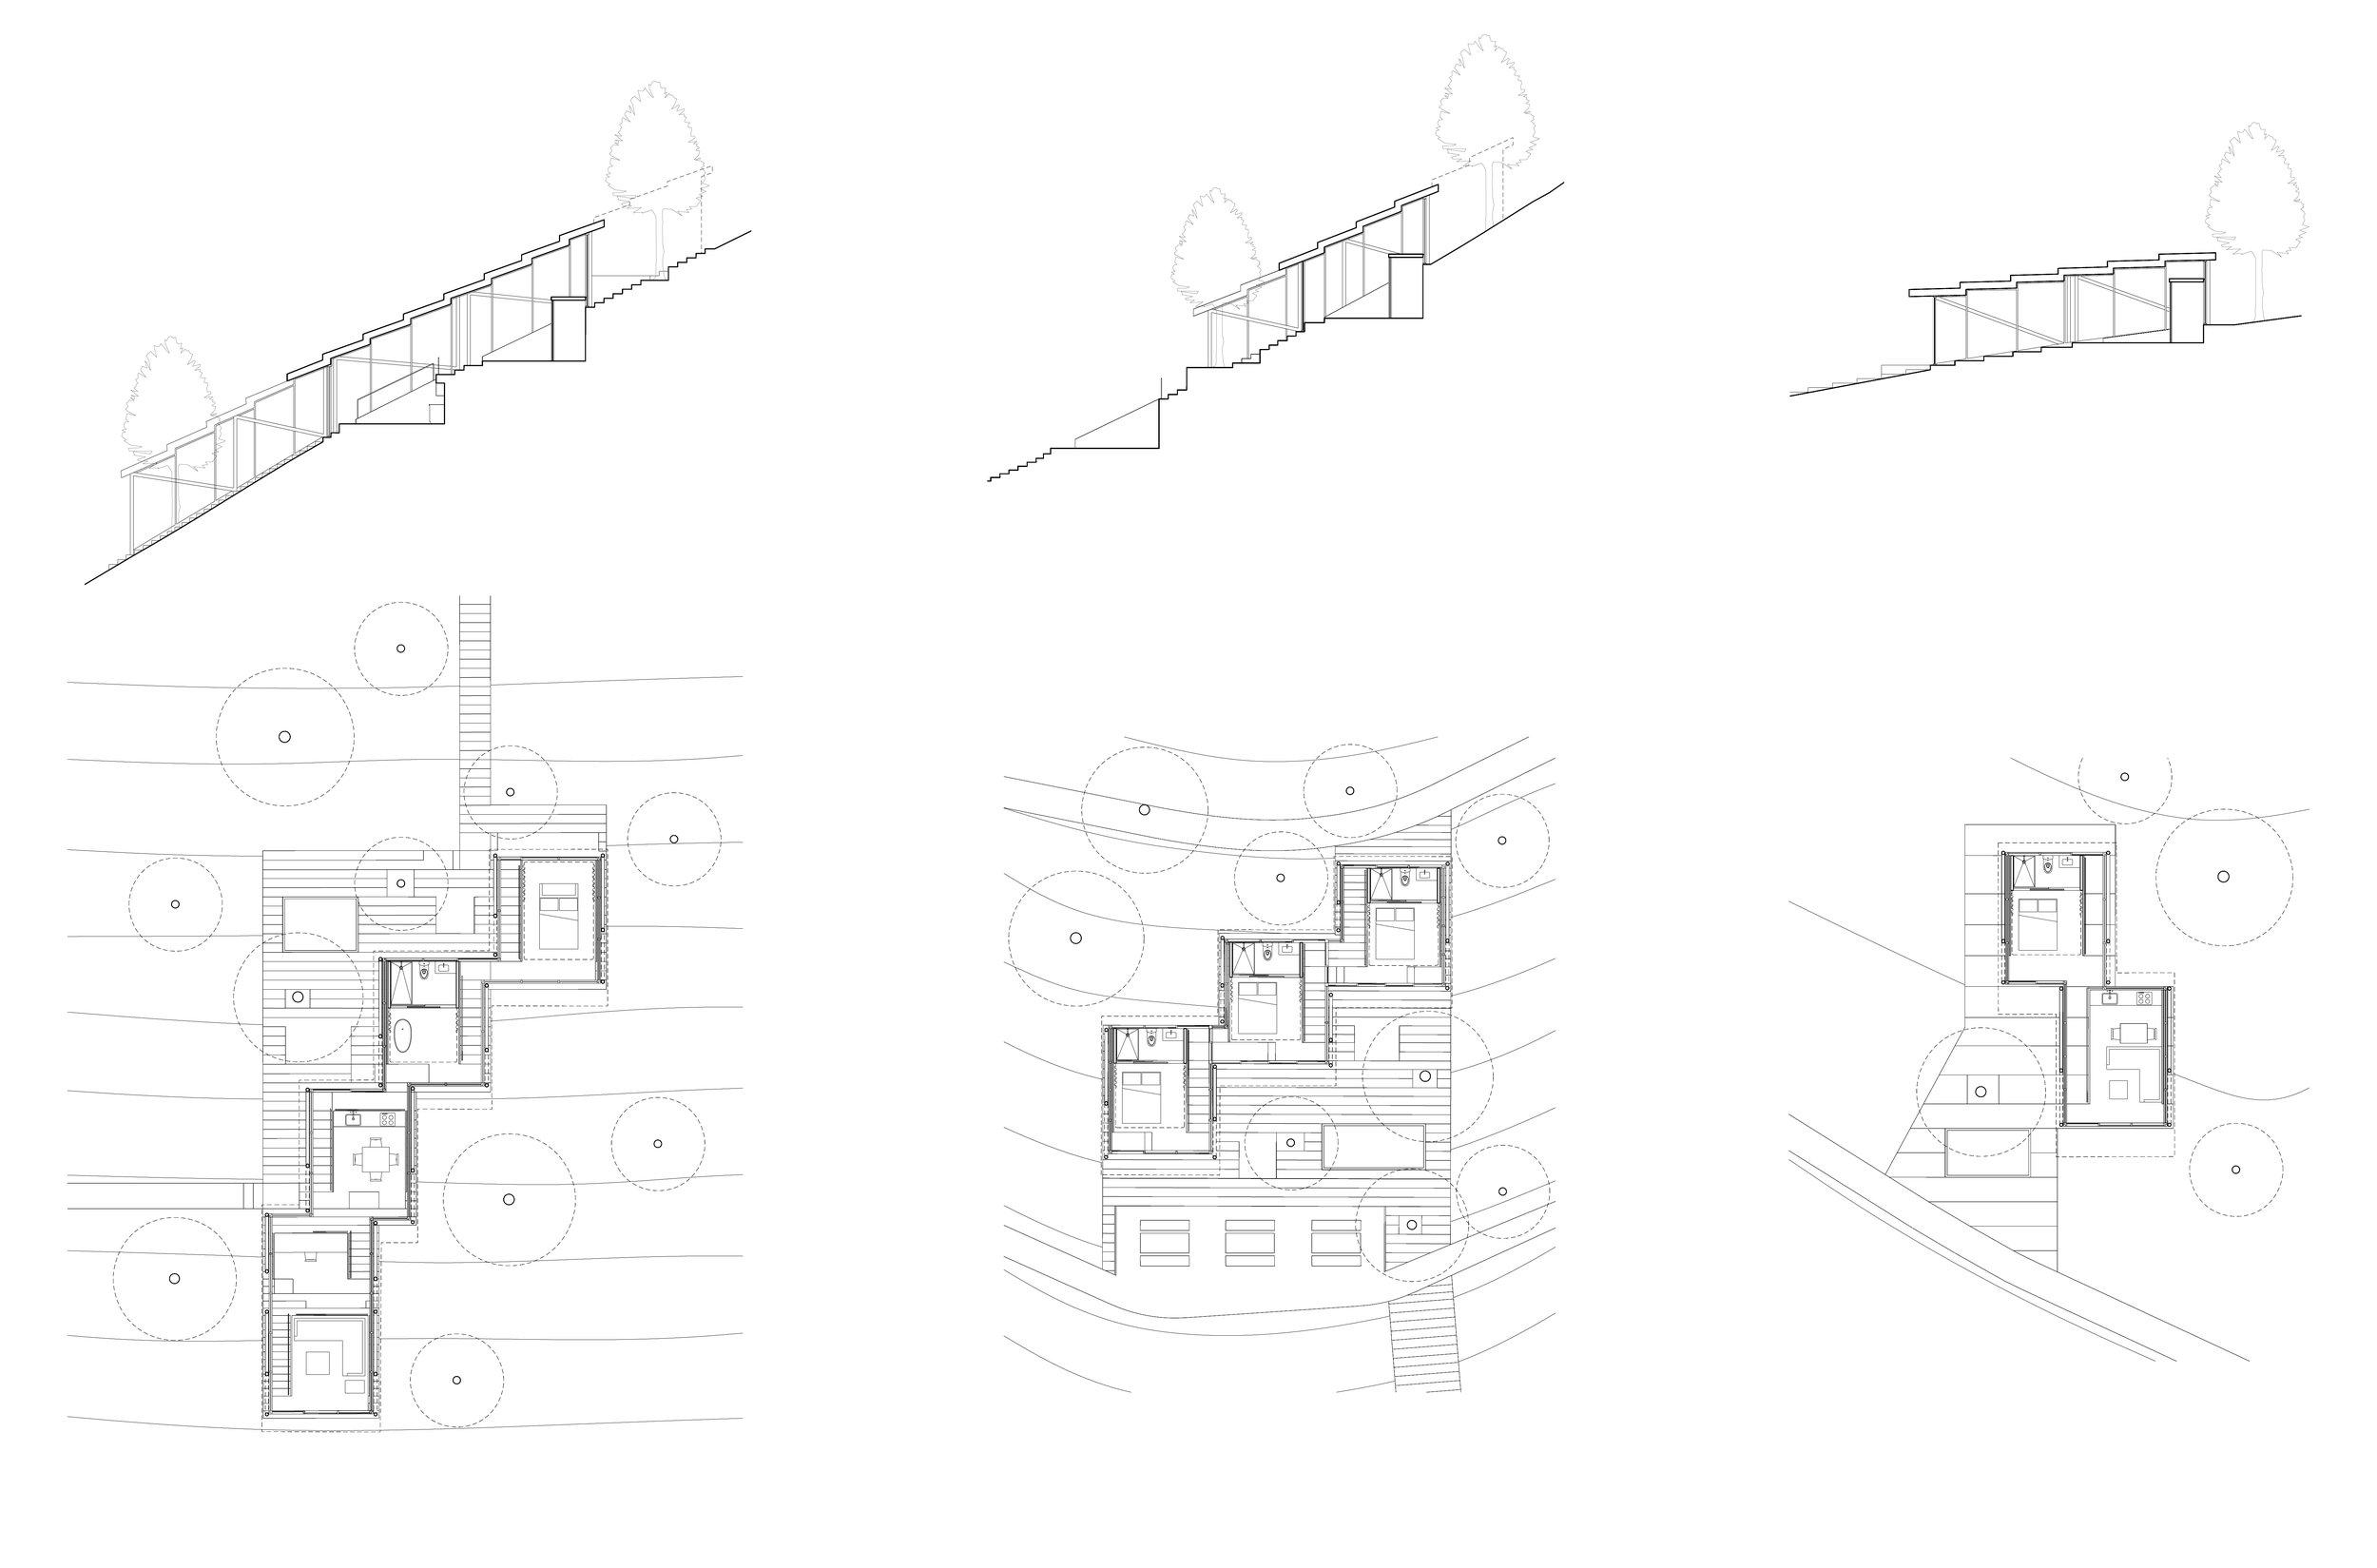 Stair Cabins Drawings.jpg